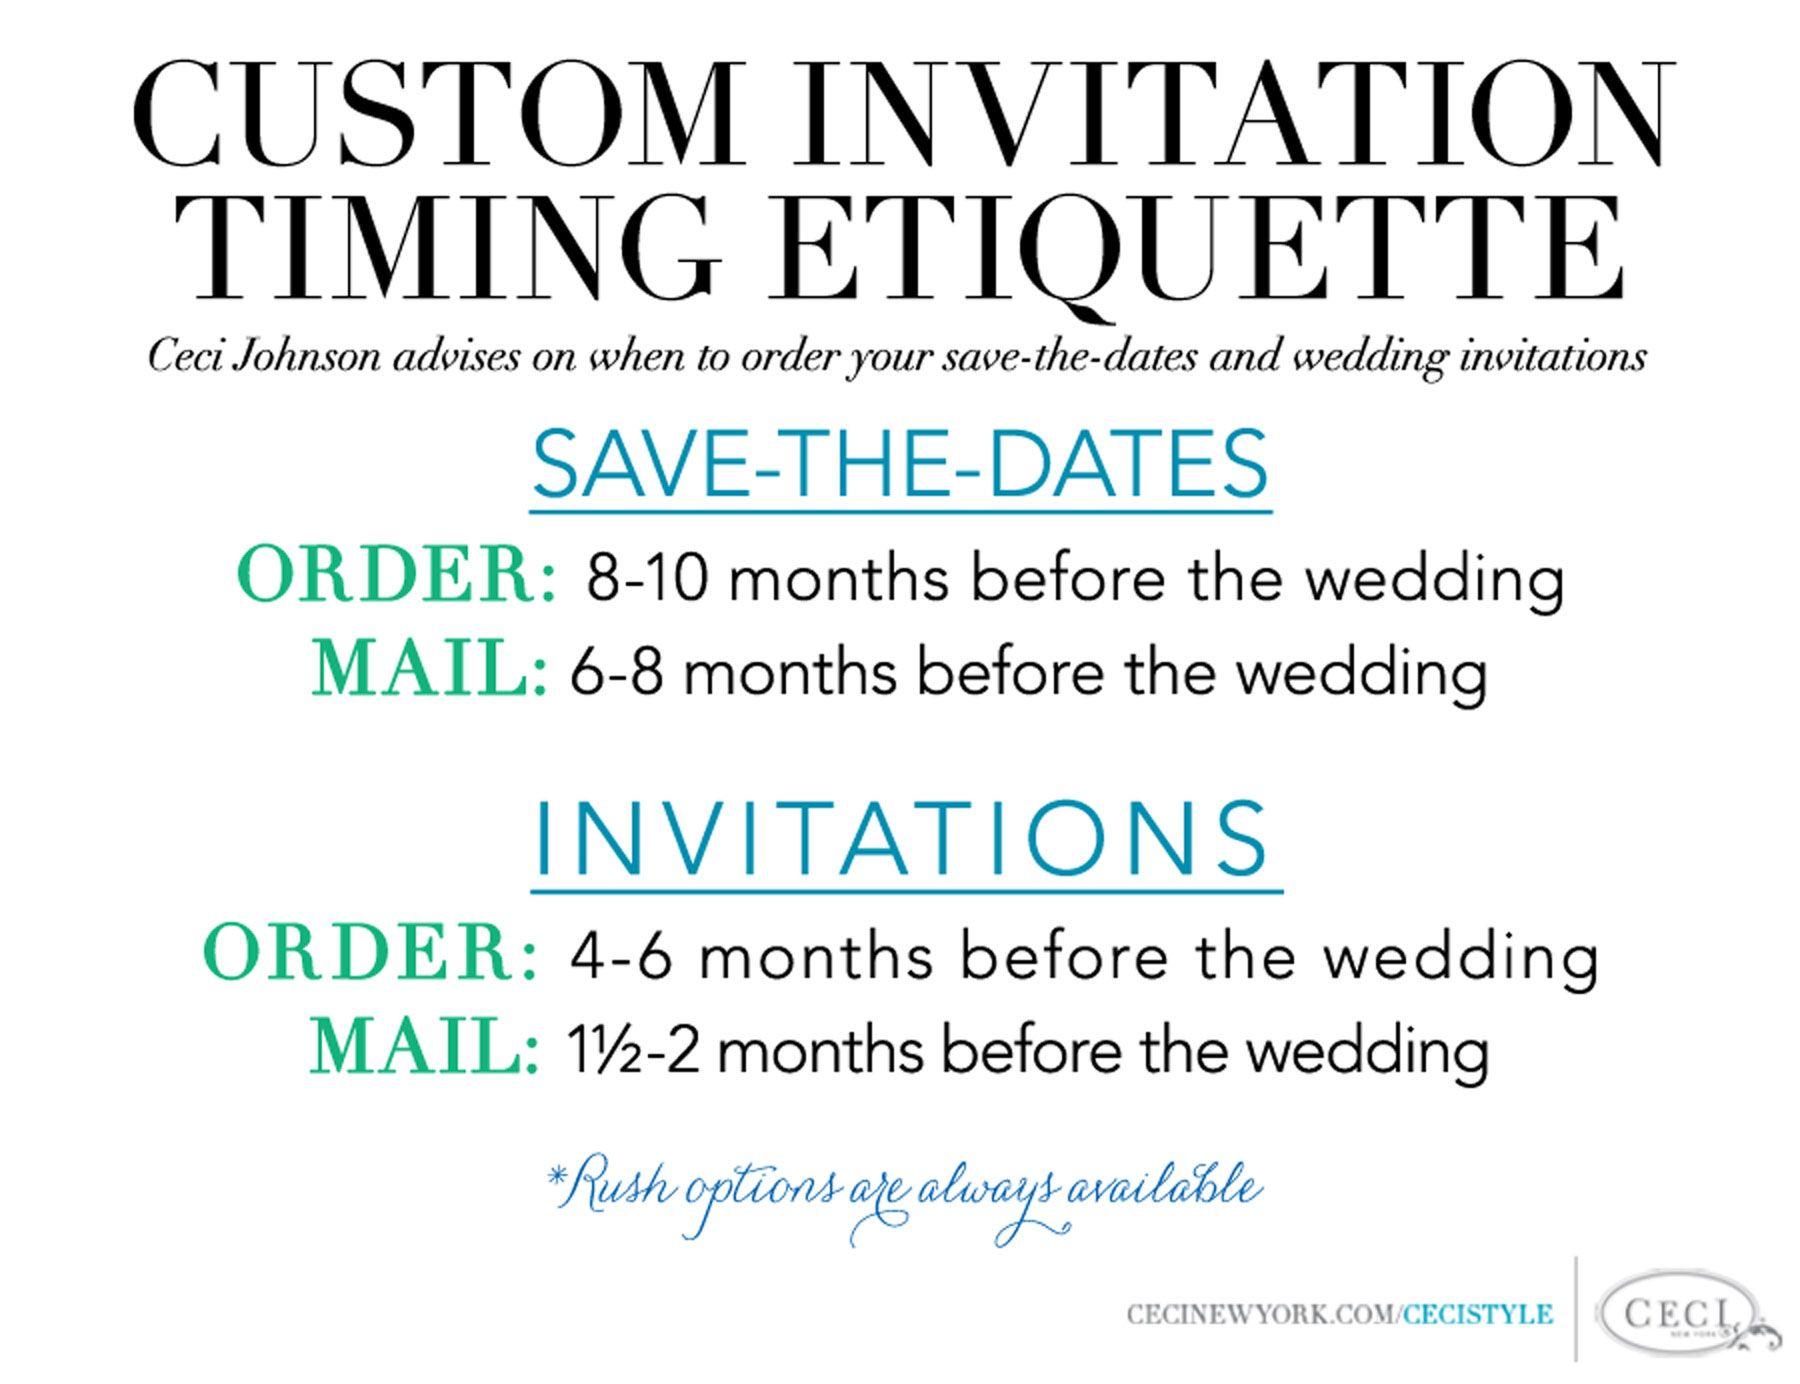 Custom Invitation Timing Etiquette - Ceci Johnson advises on when to ...